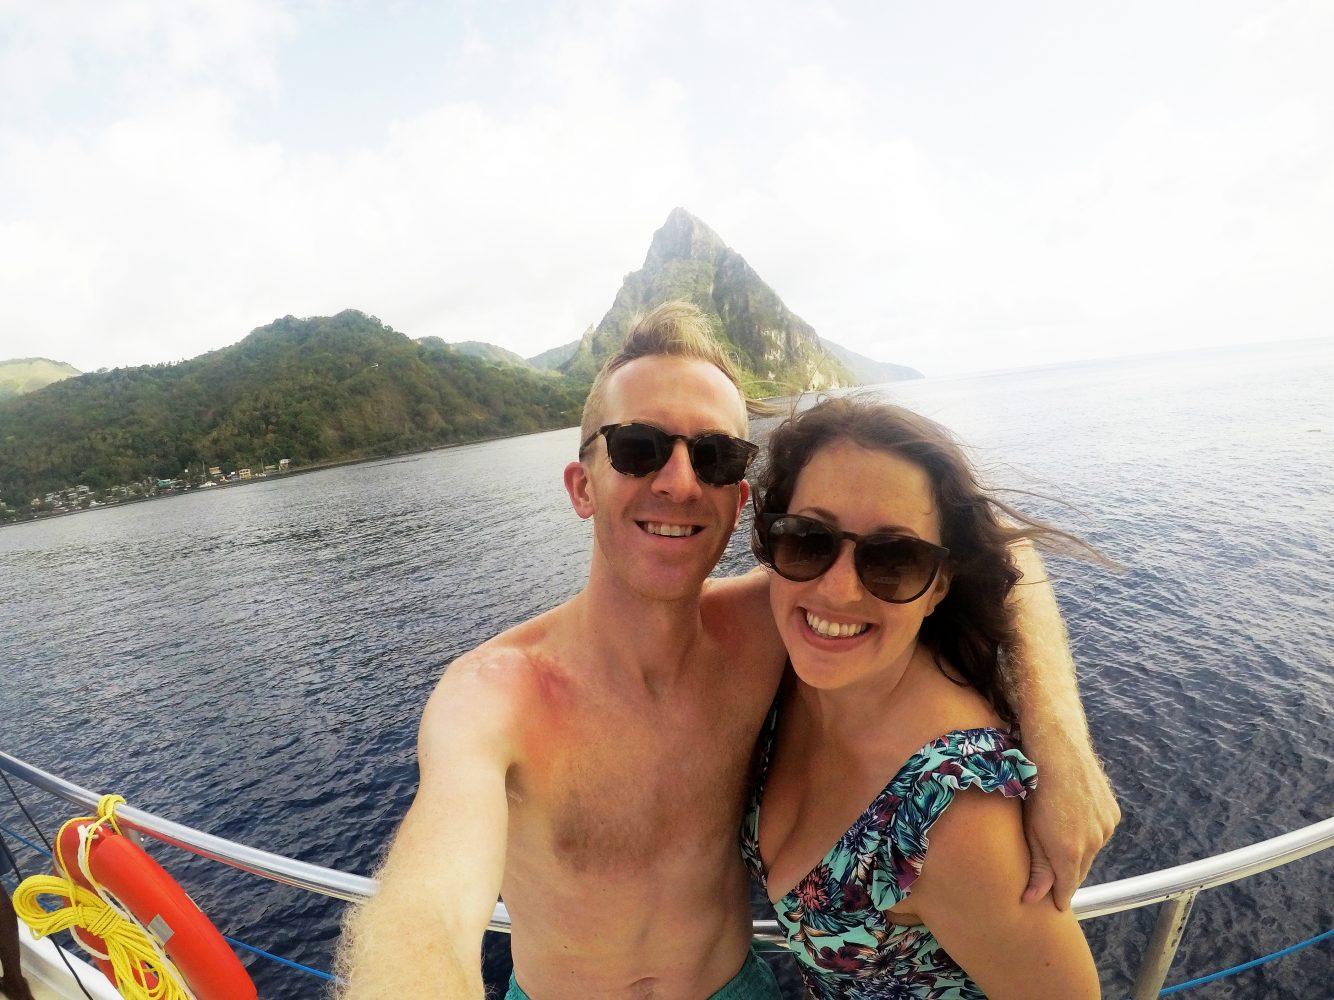 Sarah + Drew | La Toc Road, Saint Lucia | St. Lucia